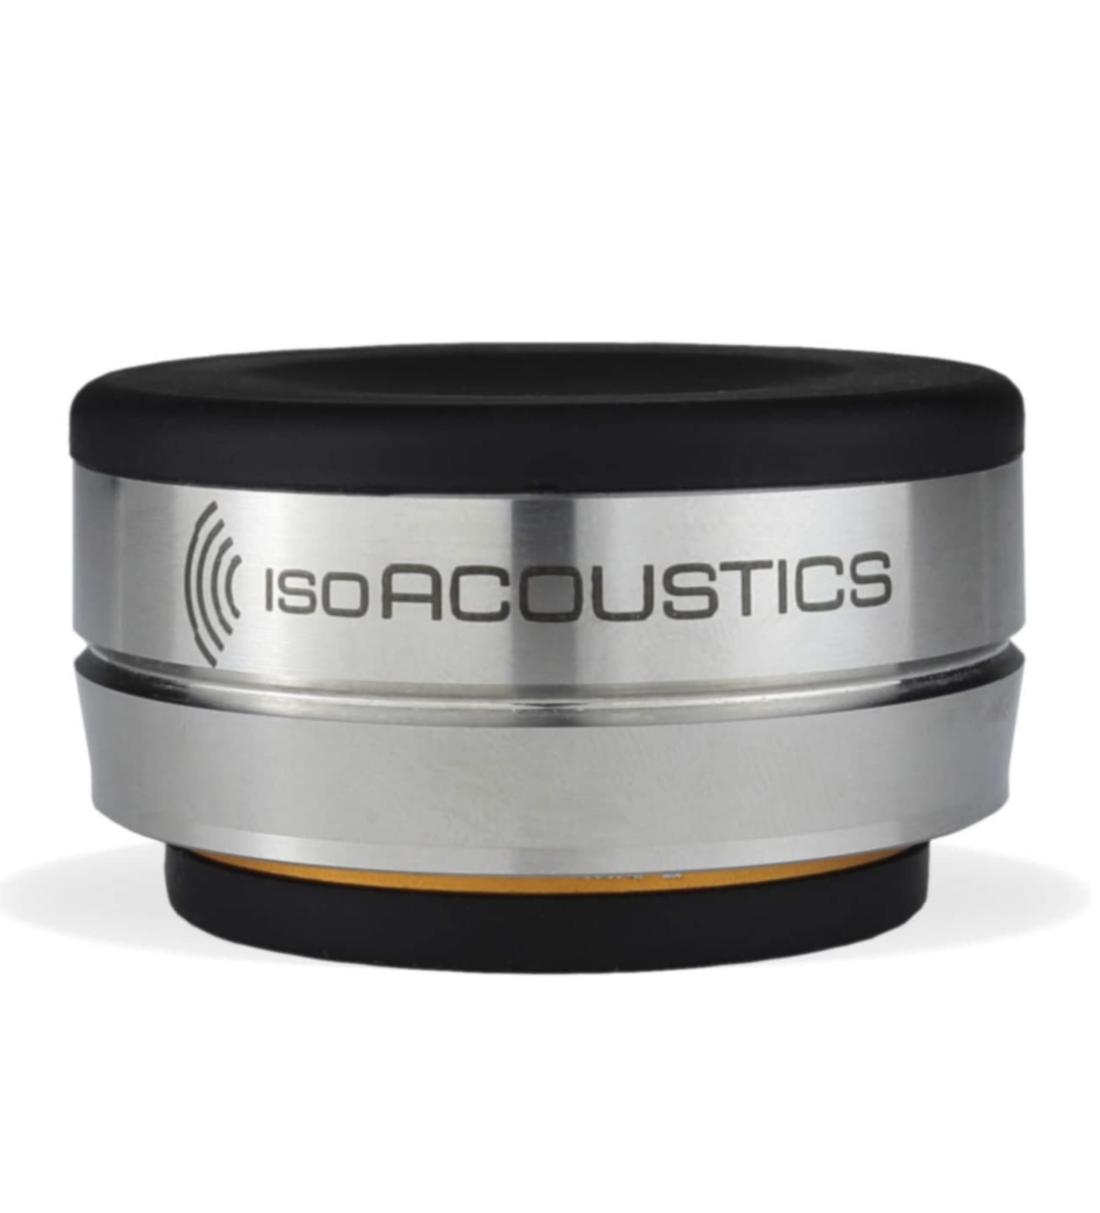 OREA Bronze IsoAcoustics Elimina vibrações Para DACs, CD players, Alto-falantes e Toca-Discos Unidade